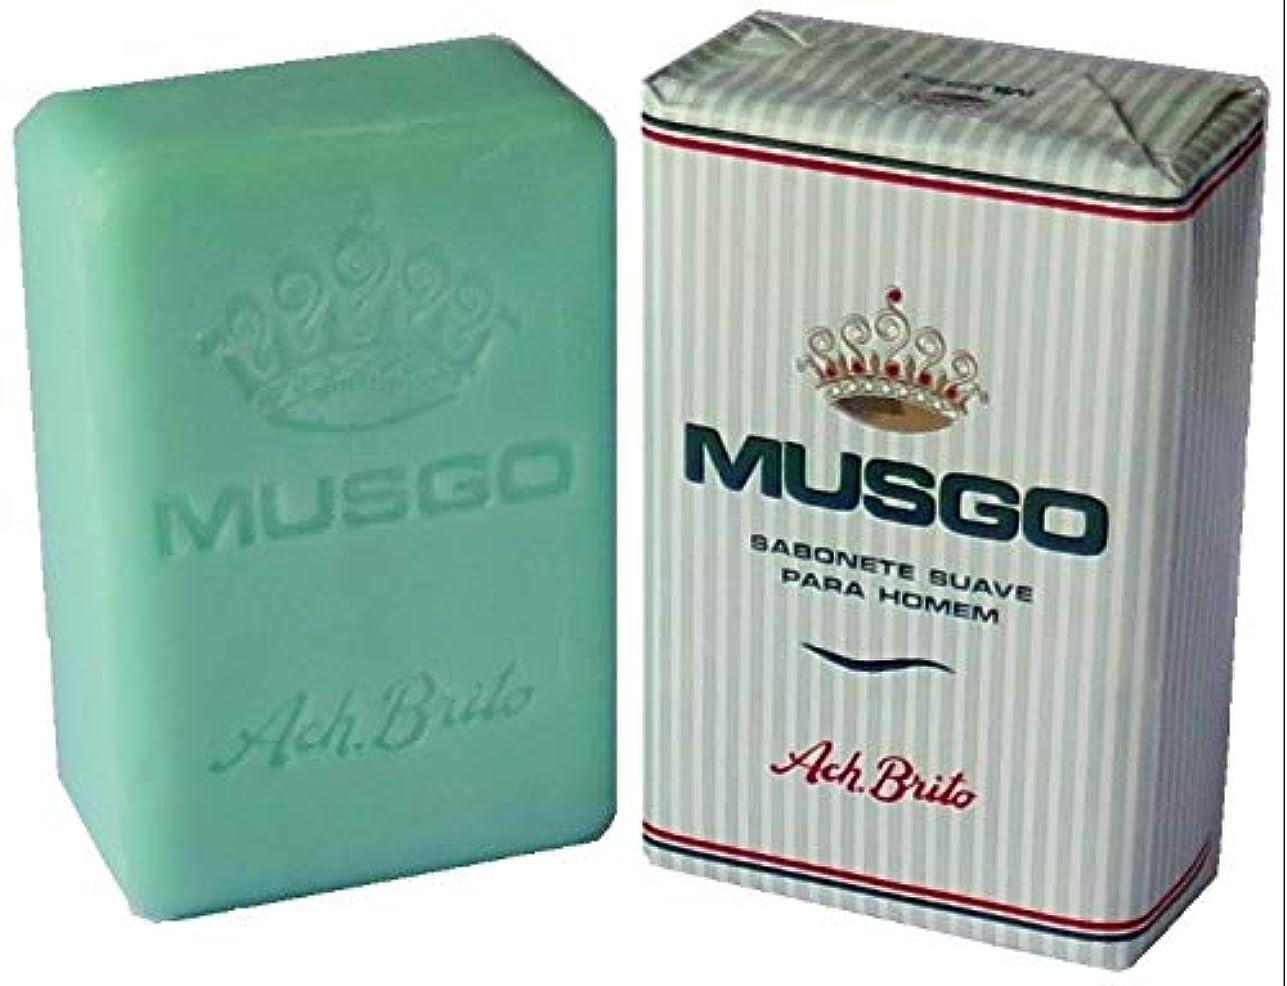 成長するボード泣いているMusgo Real Body Soap 「ロイヤルモス」 ボディソープバー 160g [並行輸入品]